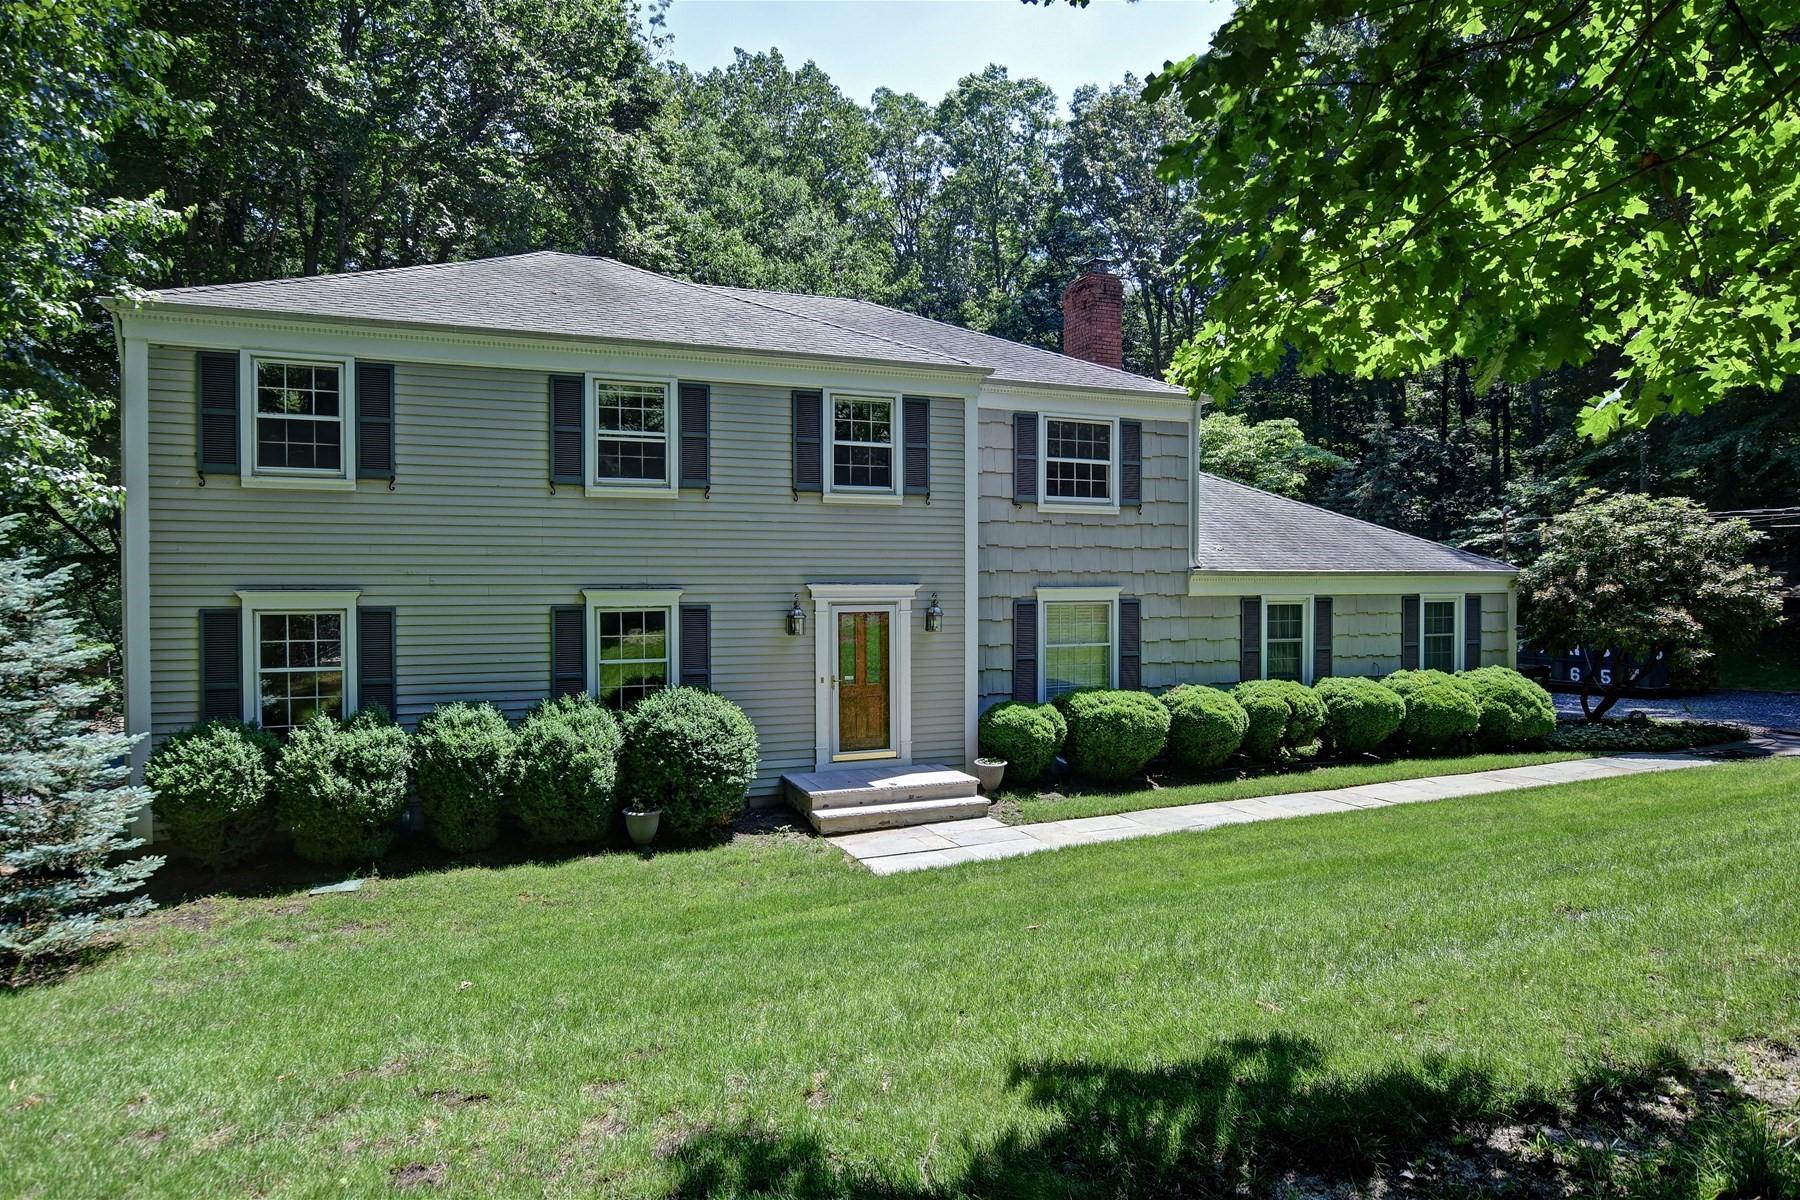 一戸建て のために 売買 アット Classic Colonial 12 Craig Court Colts Neck, ニュージャージー, 07722 アメリカ合衆国